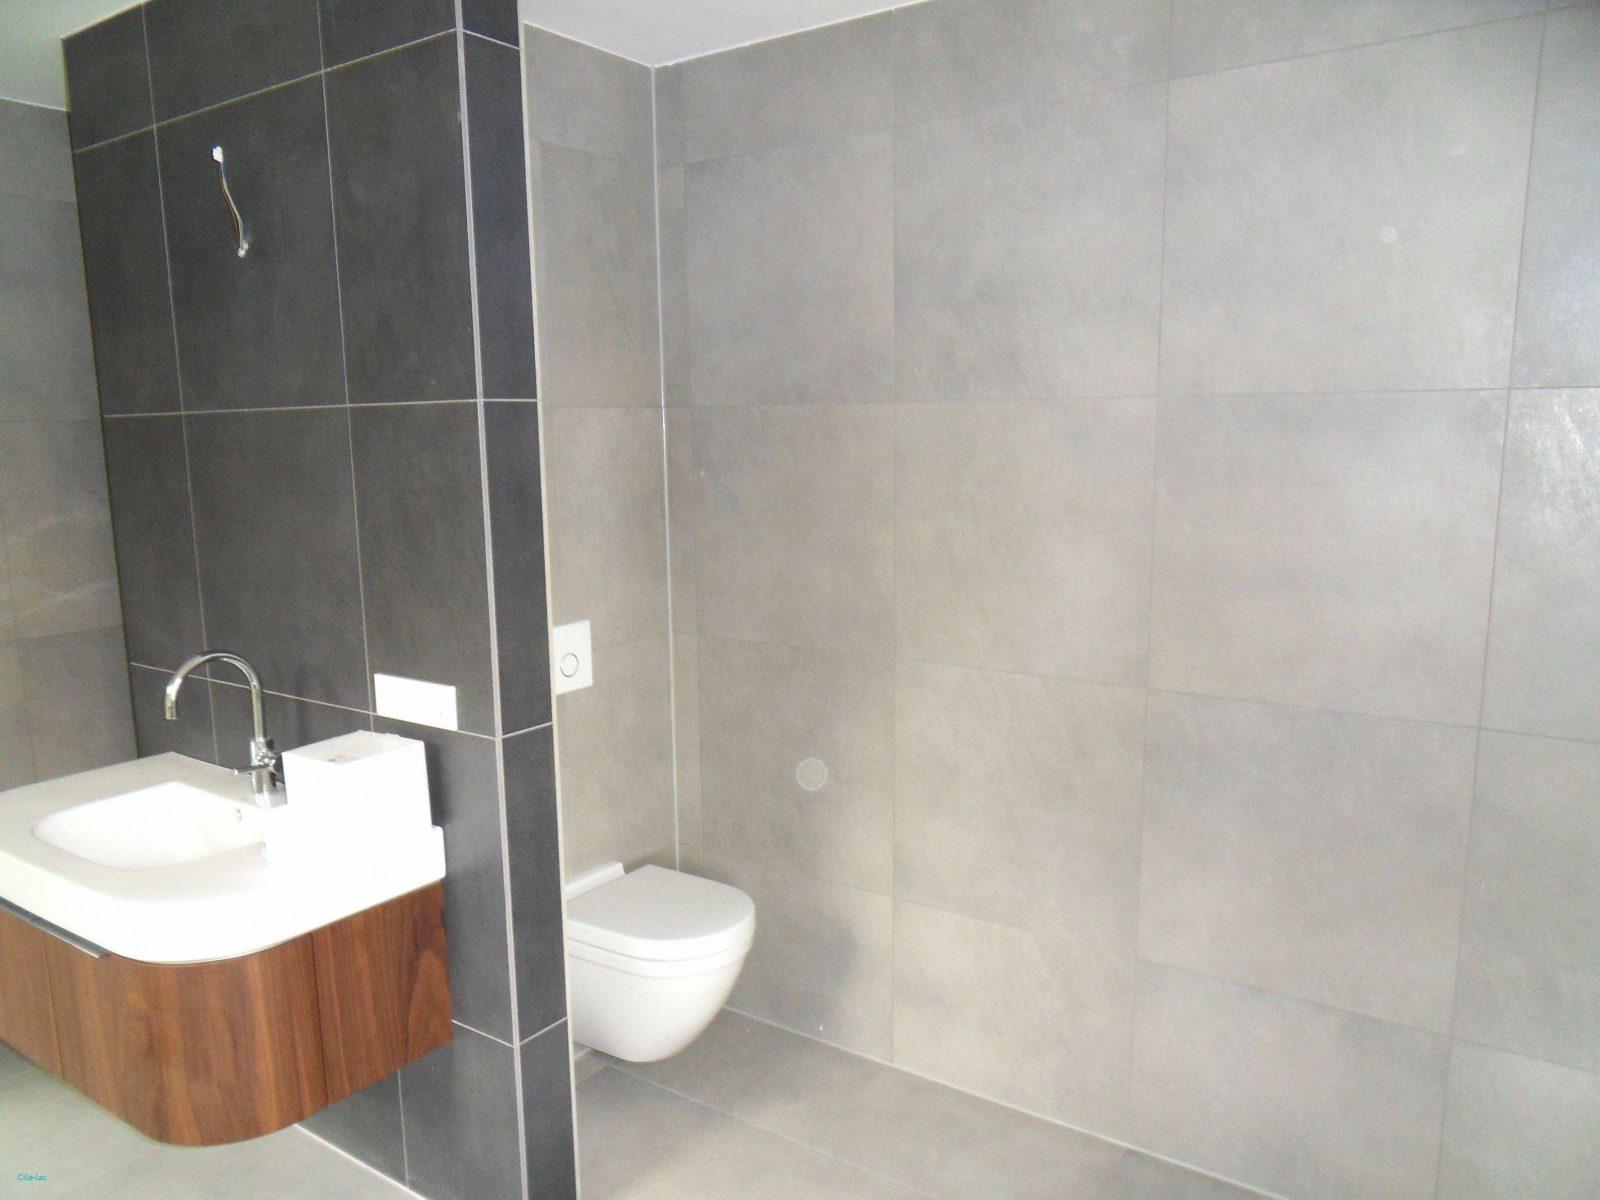 Fliesen Beige Fur Bad Frisch Moderne Badezimmer Fliesen von Moderne Fliesen Für Badezimmer Bild